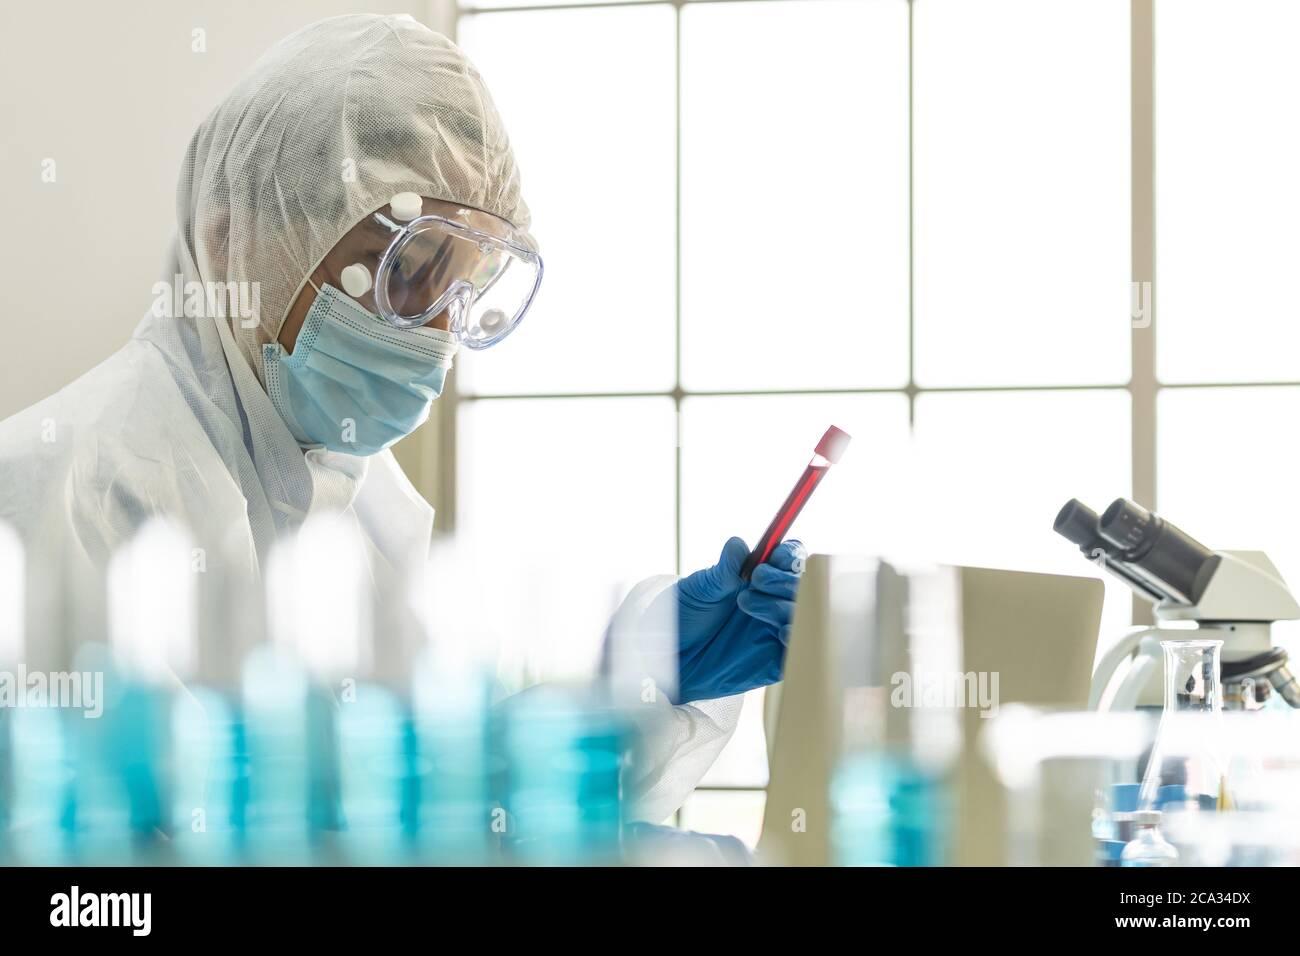 Los científicos sostienen un tubo de análisis de muestras de sangre y examinan su investigación y desarrollan una vacuna contra la pandemia de coronavirus covid-19. Tecnología de Ciencias Médicas Foto de stock